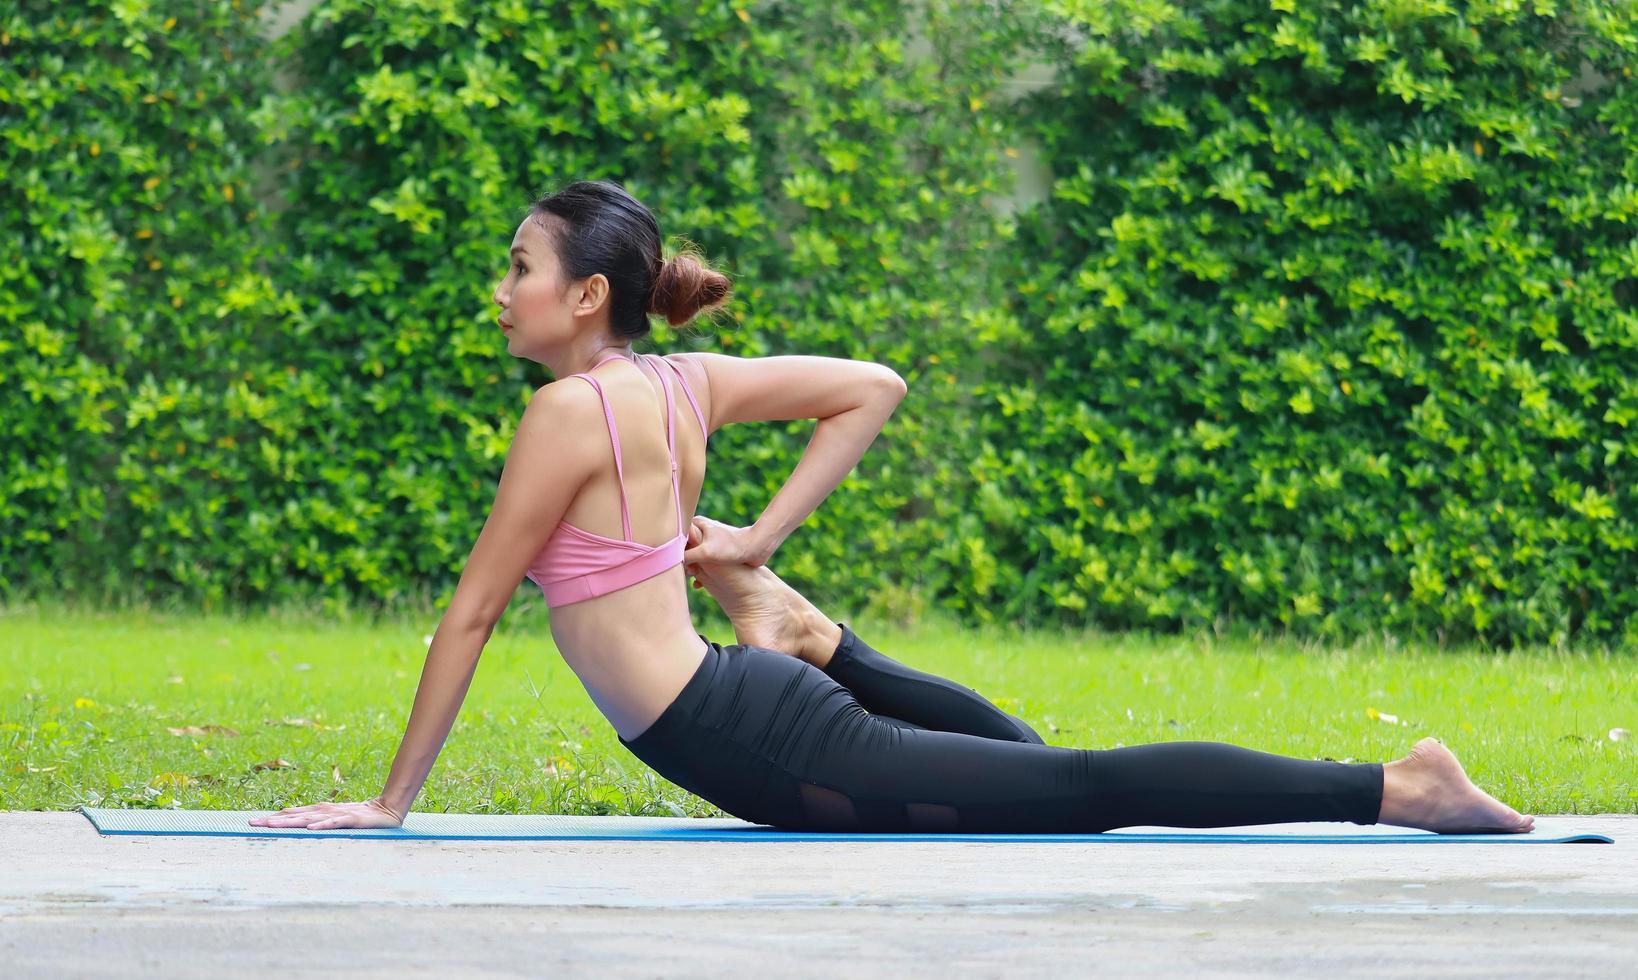 asiatische Frau, die Yoga praktiziert foto